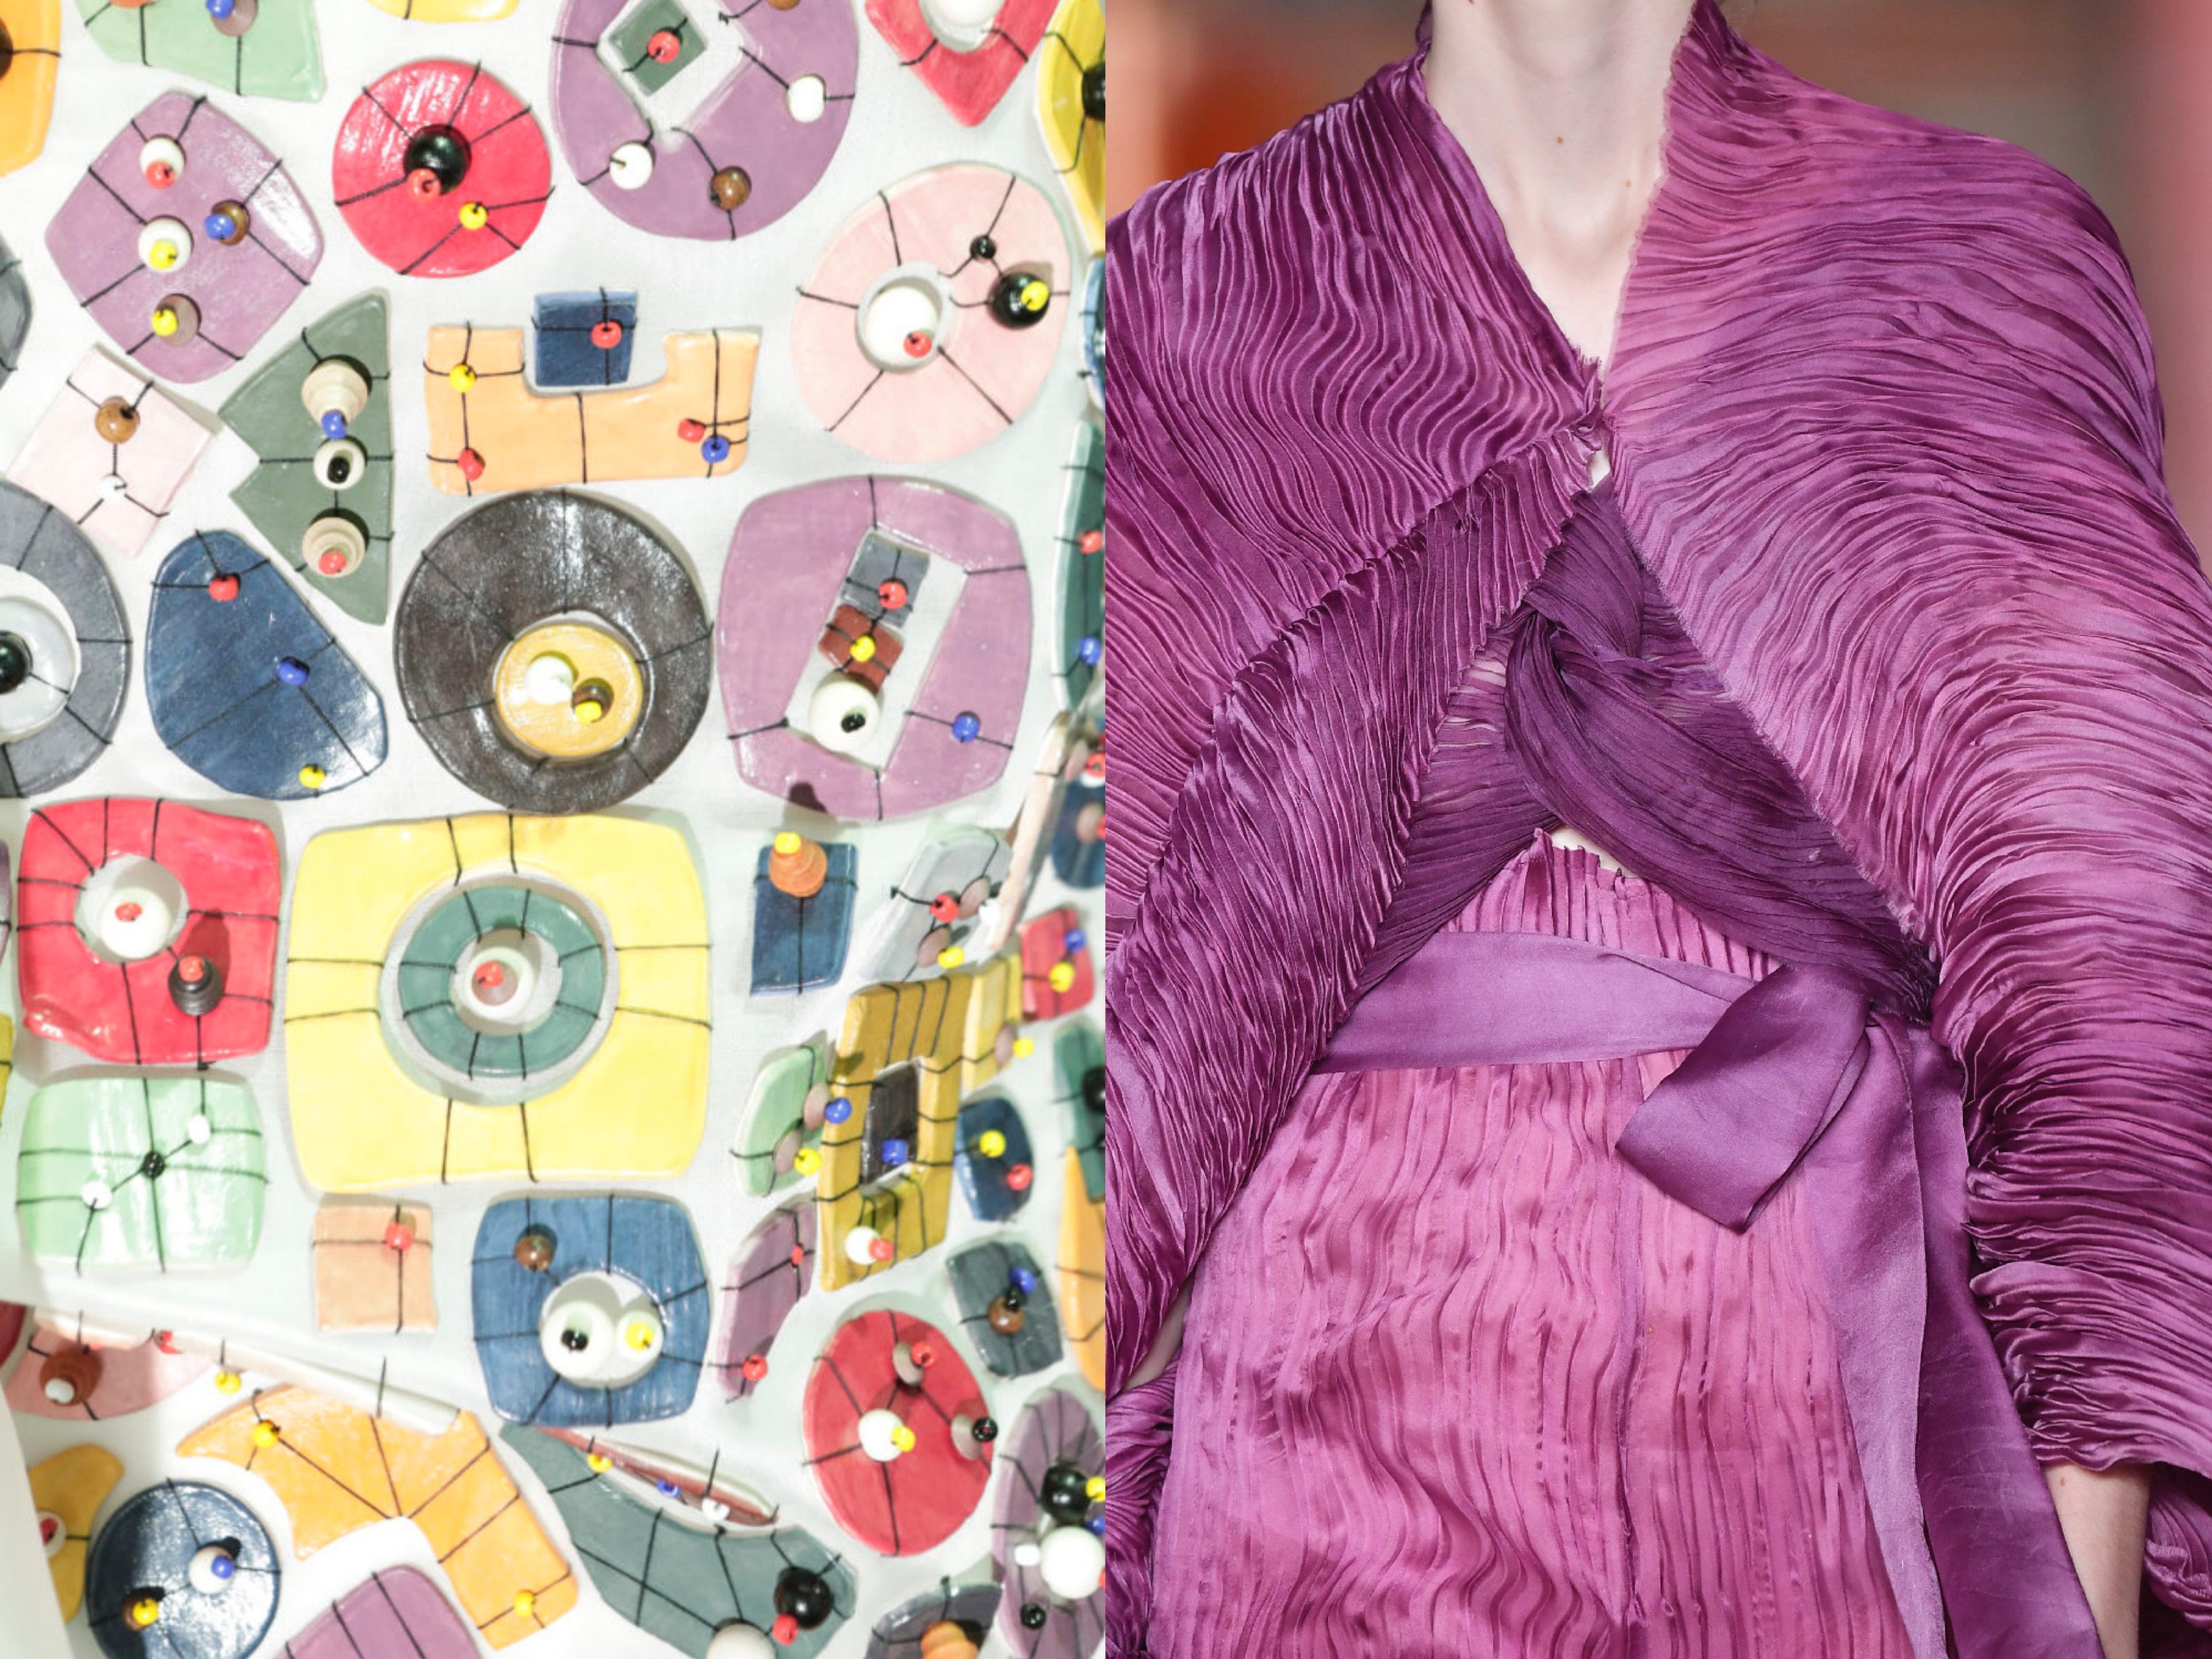 Detalhe das aplicações em cerâmica e plissado em seda / Foto: Agência Fotosite